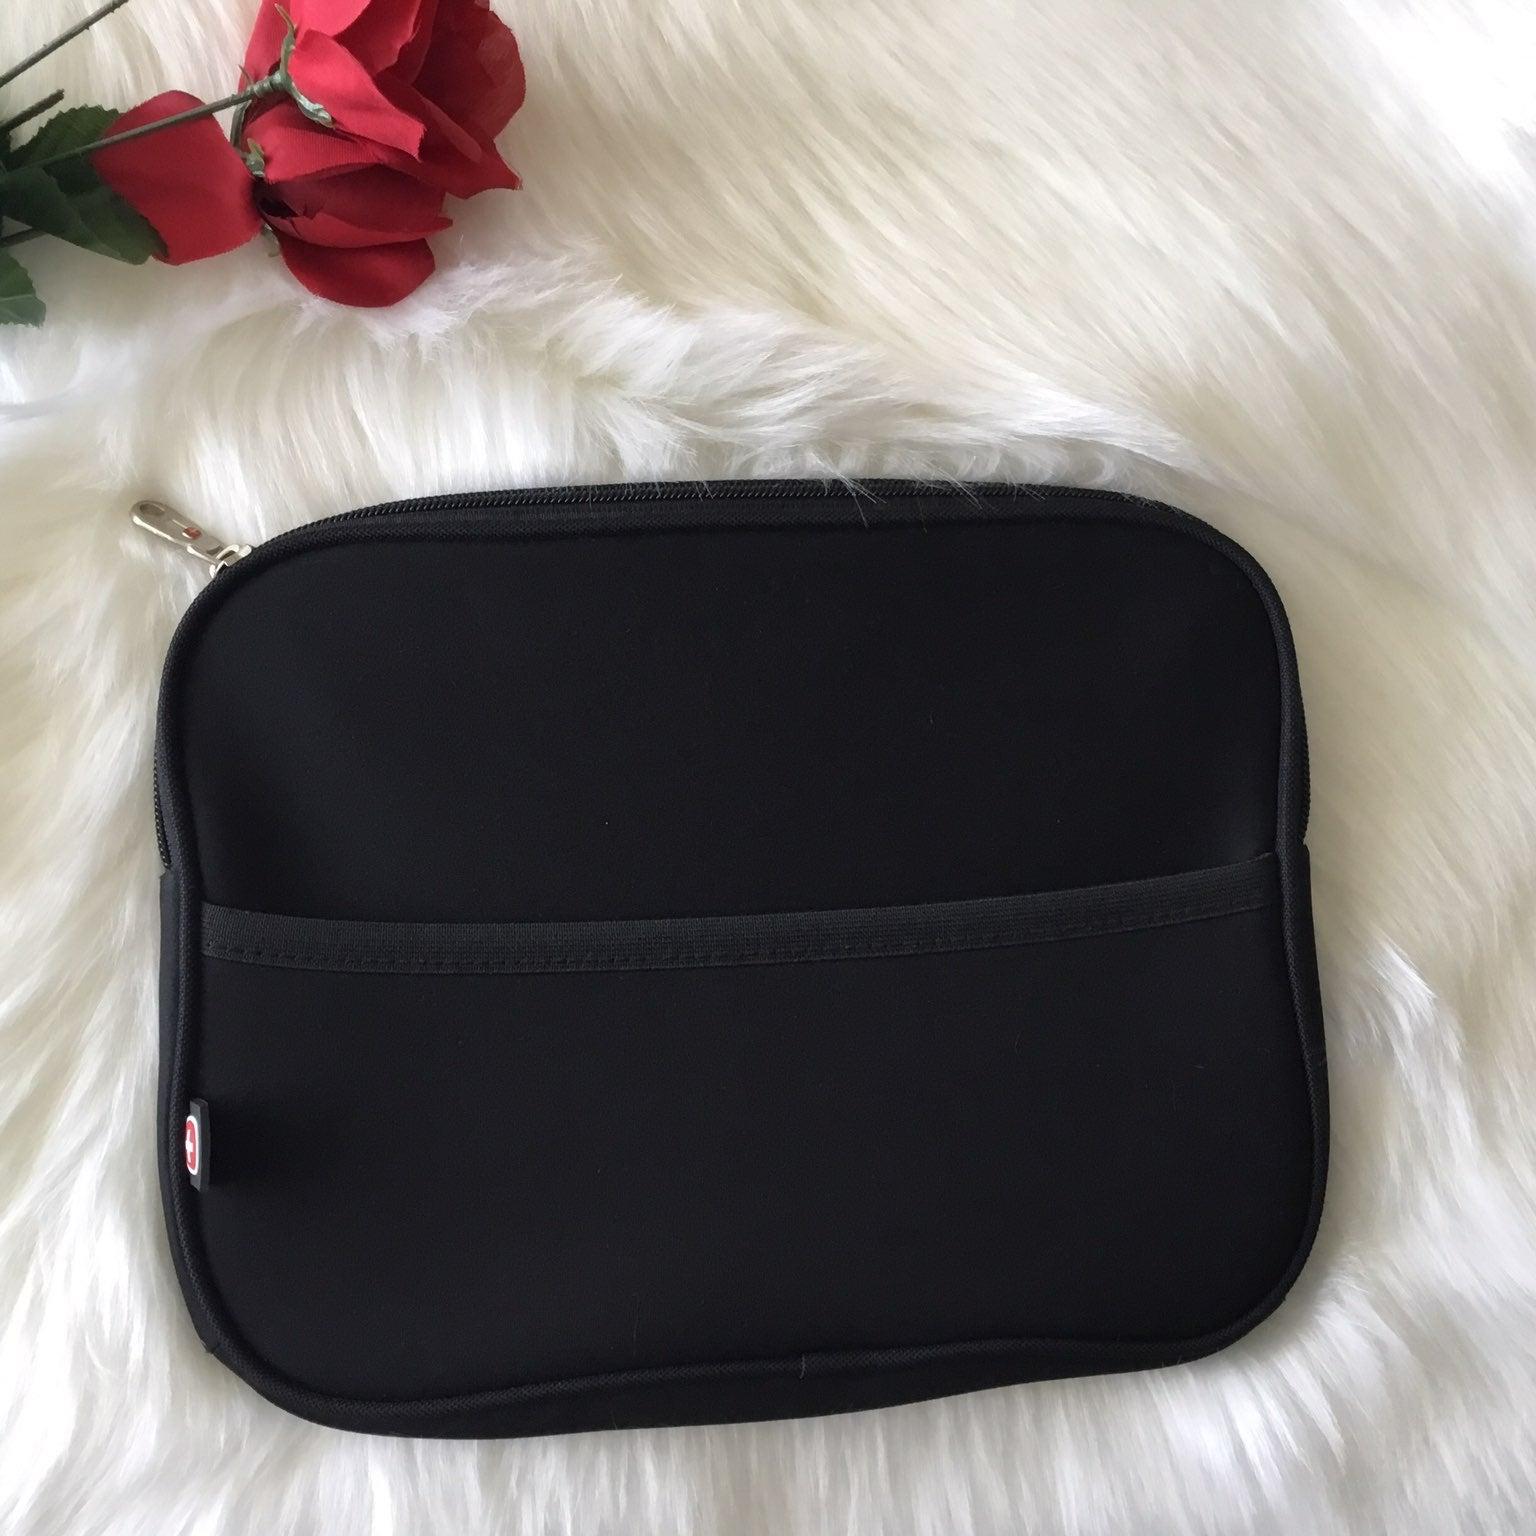 Swiss Gear Ipad / Tablet Case